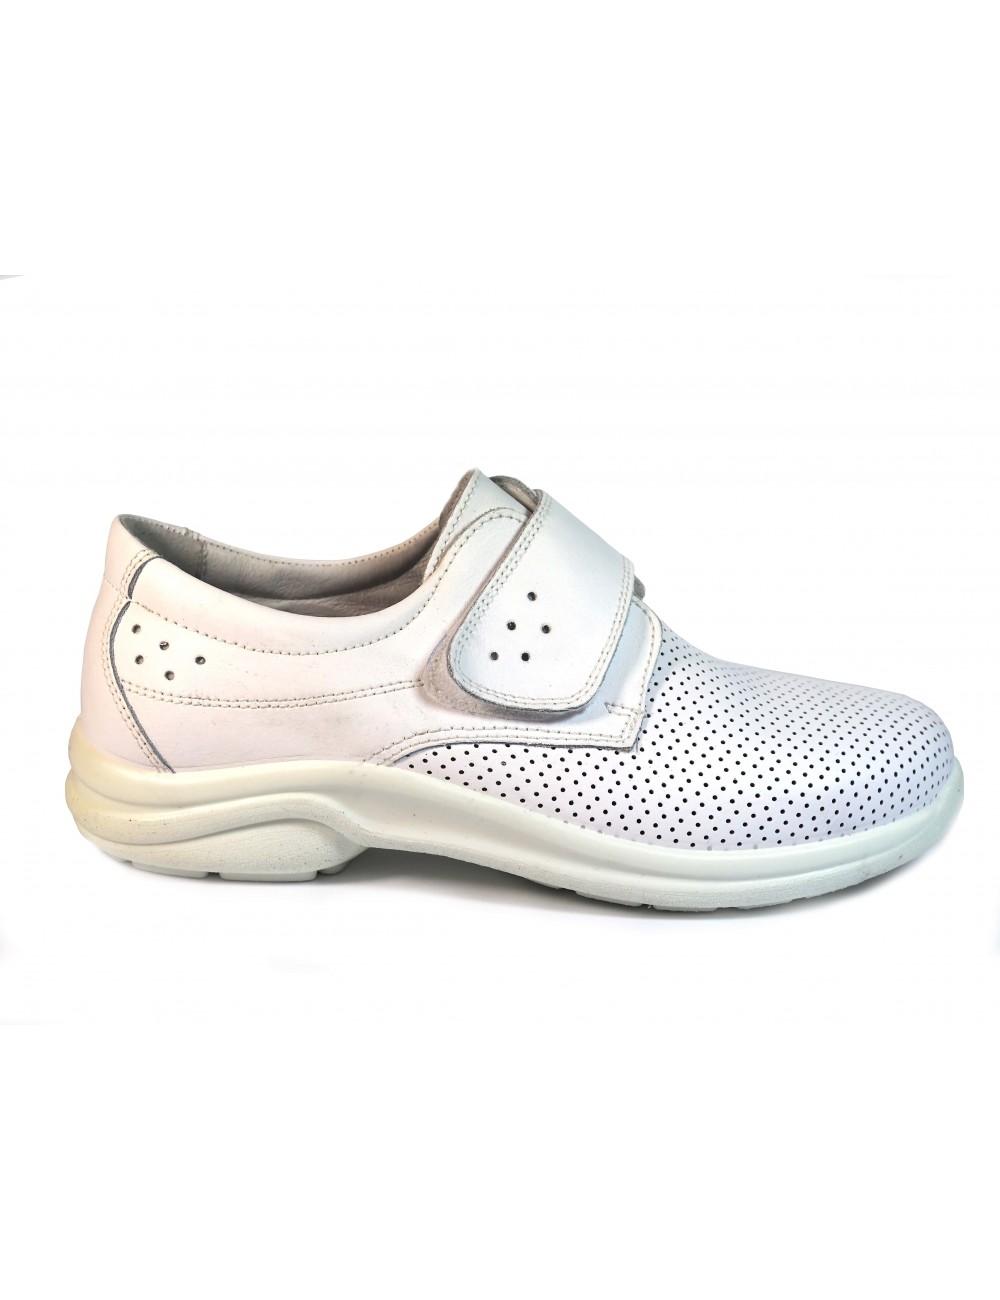 Zapato profesional Luisetti